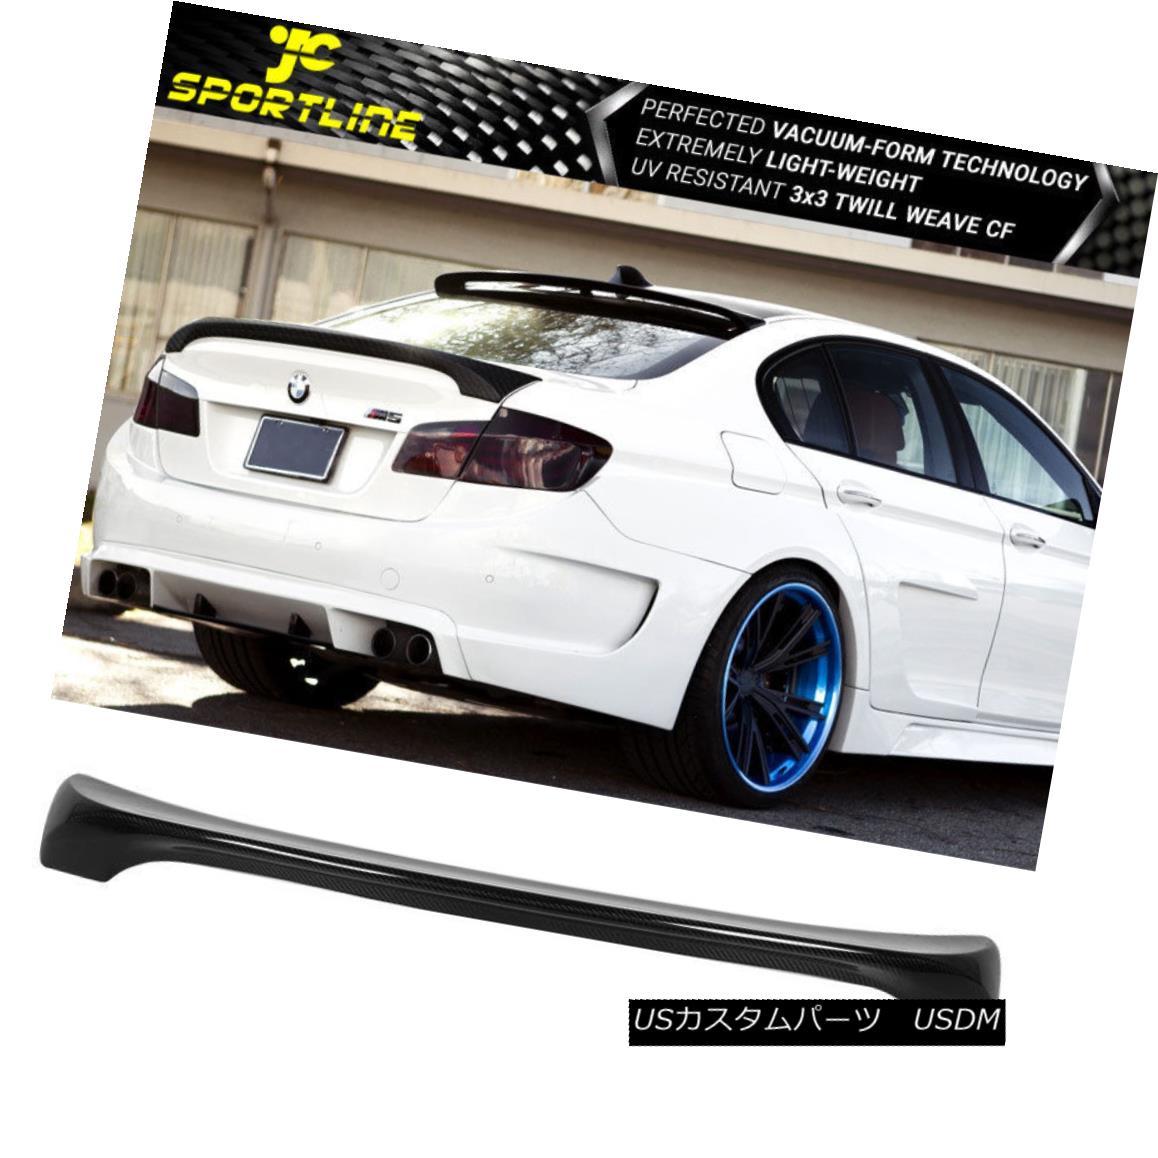 エアロパーツ Fits 11-16 BMW 5 Series F10 & M5 H Style Trunk Spoiler Carbon Fiber CF フィット11-16 BMW 5シリーズF10& M5 Hスタイルトランクスポイラー炭素繊維CF